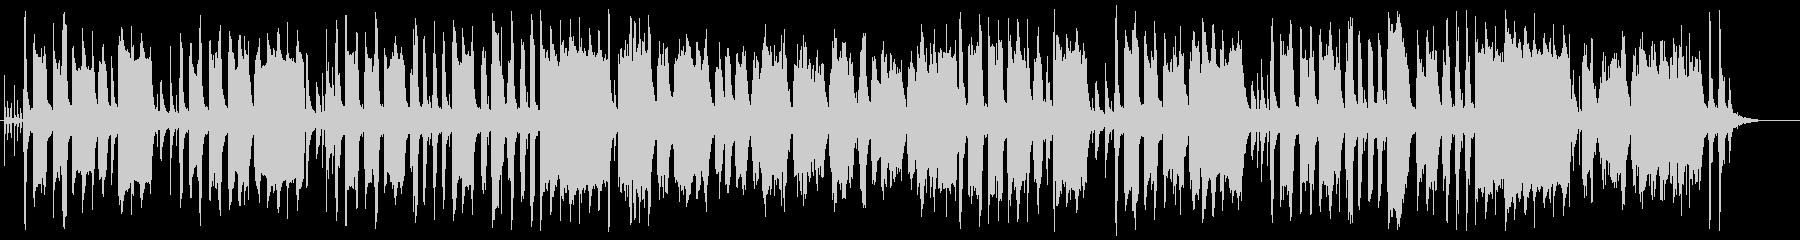 可愛いうきうきするメルヘンなポップな曲の未再生の波形